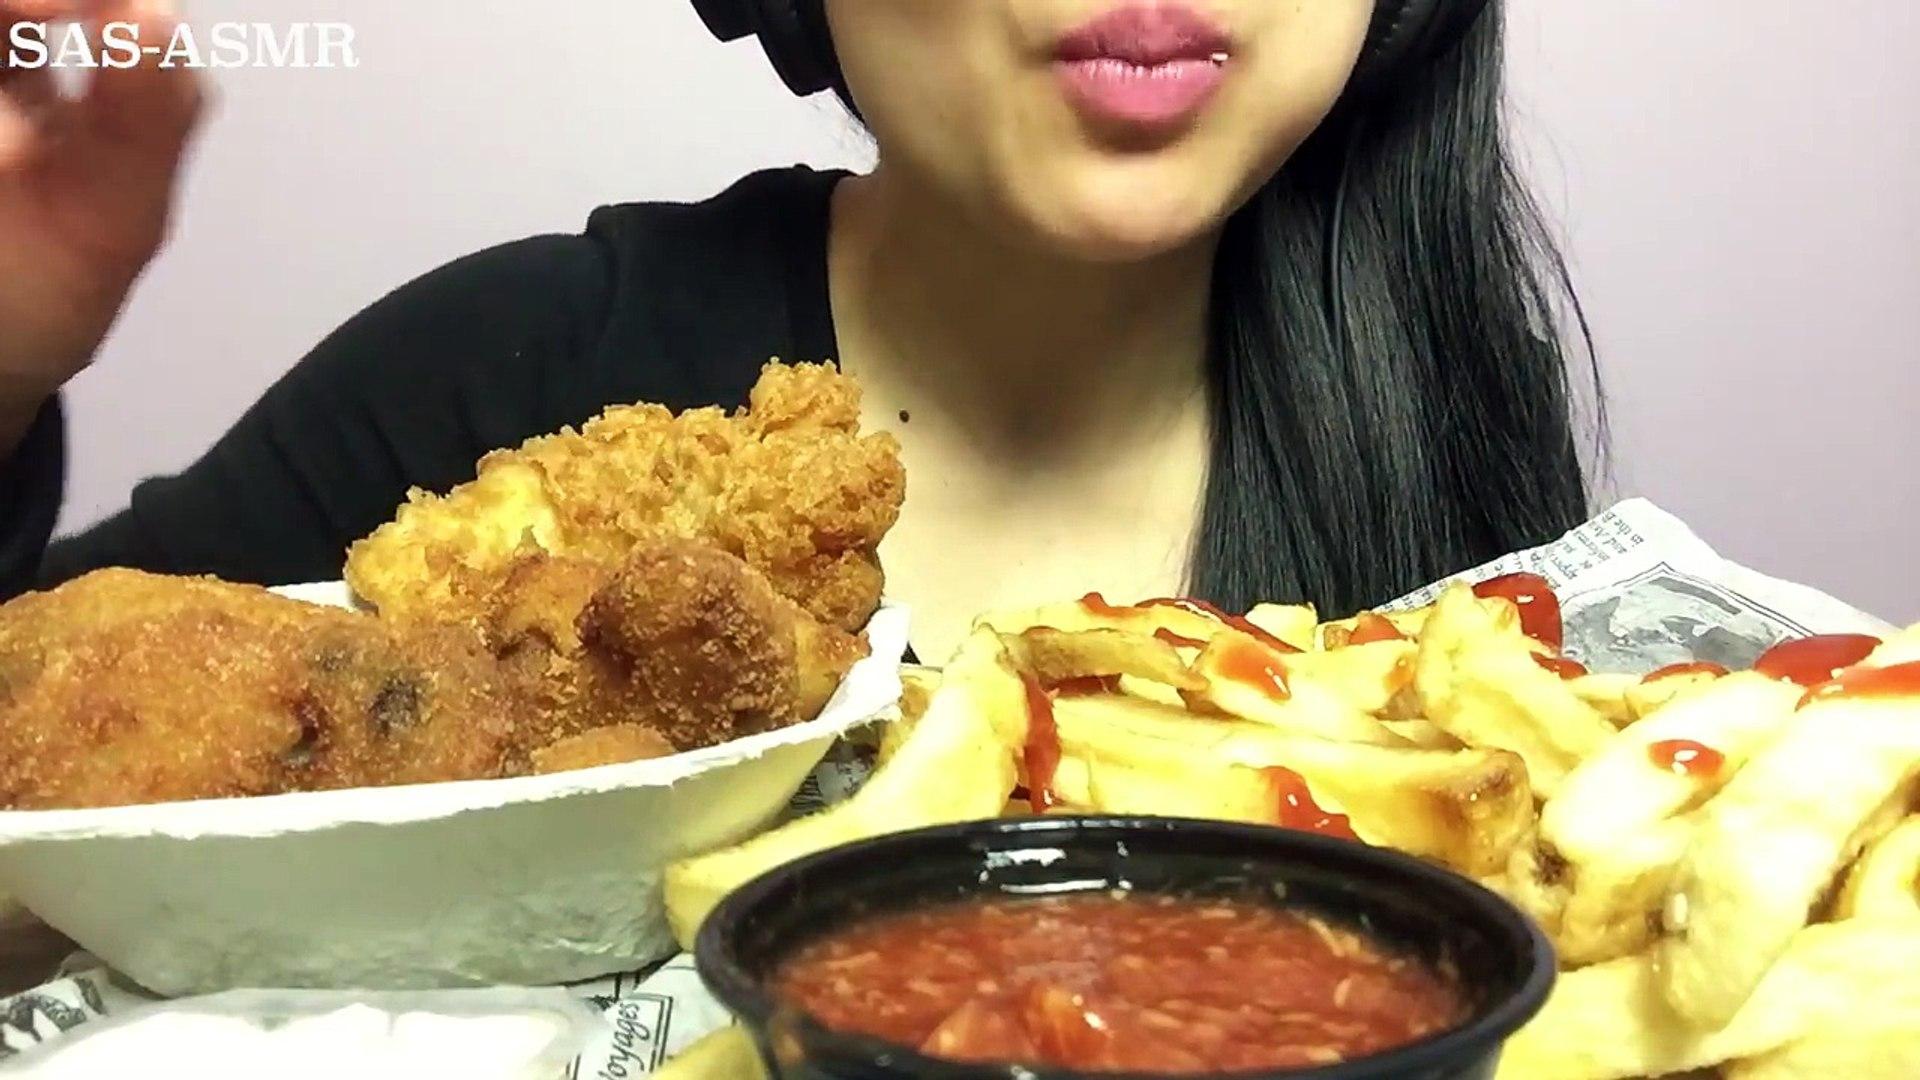 Sas Asmr Chicken Bobotie Remember, everyone has a different asmr triggers so i hope you enjoy the sounds on my channel. sas asmr chicken bobotie